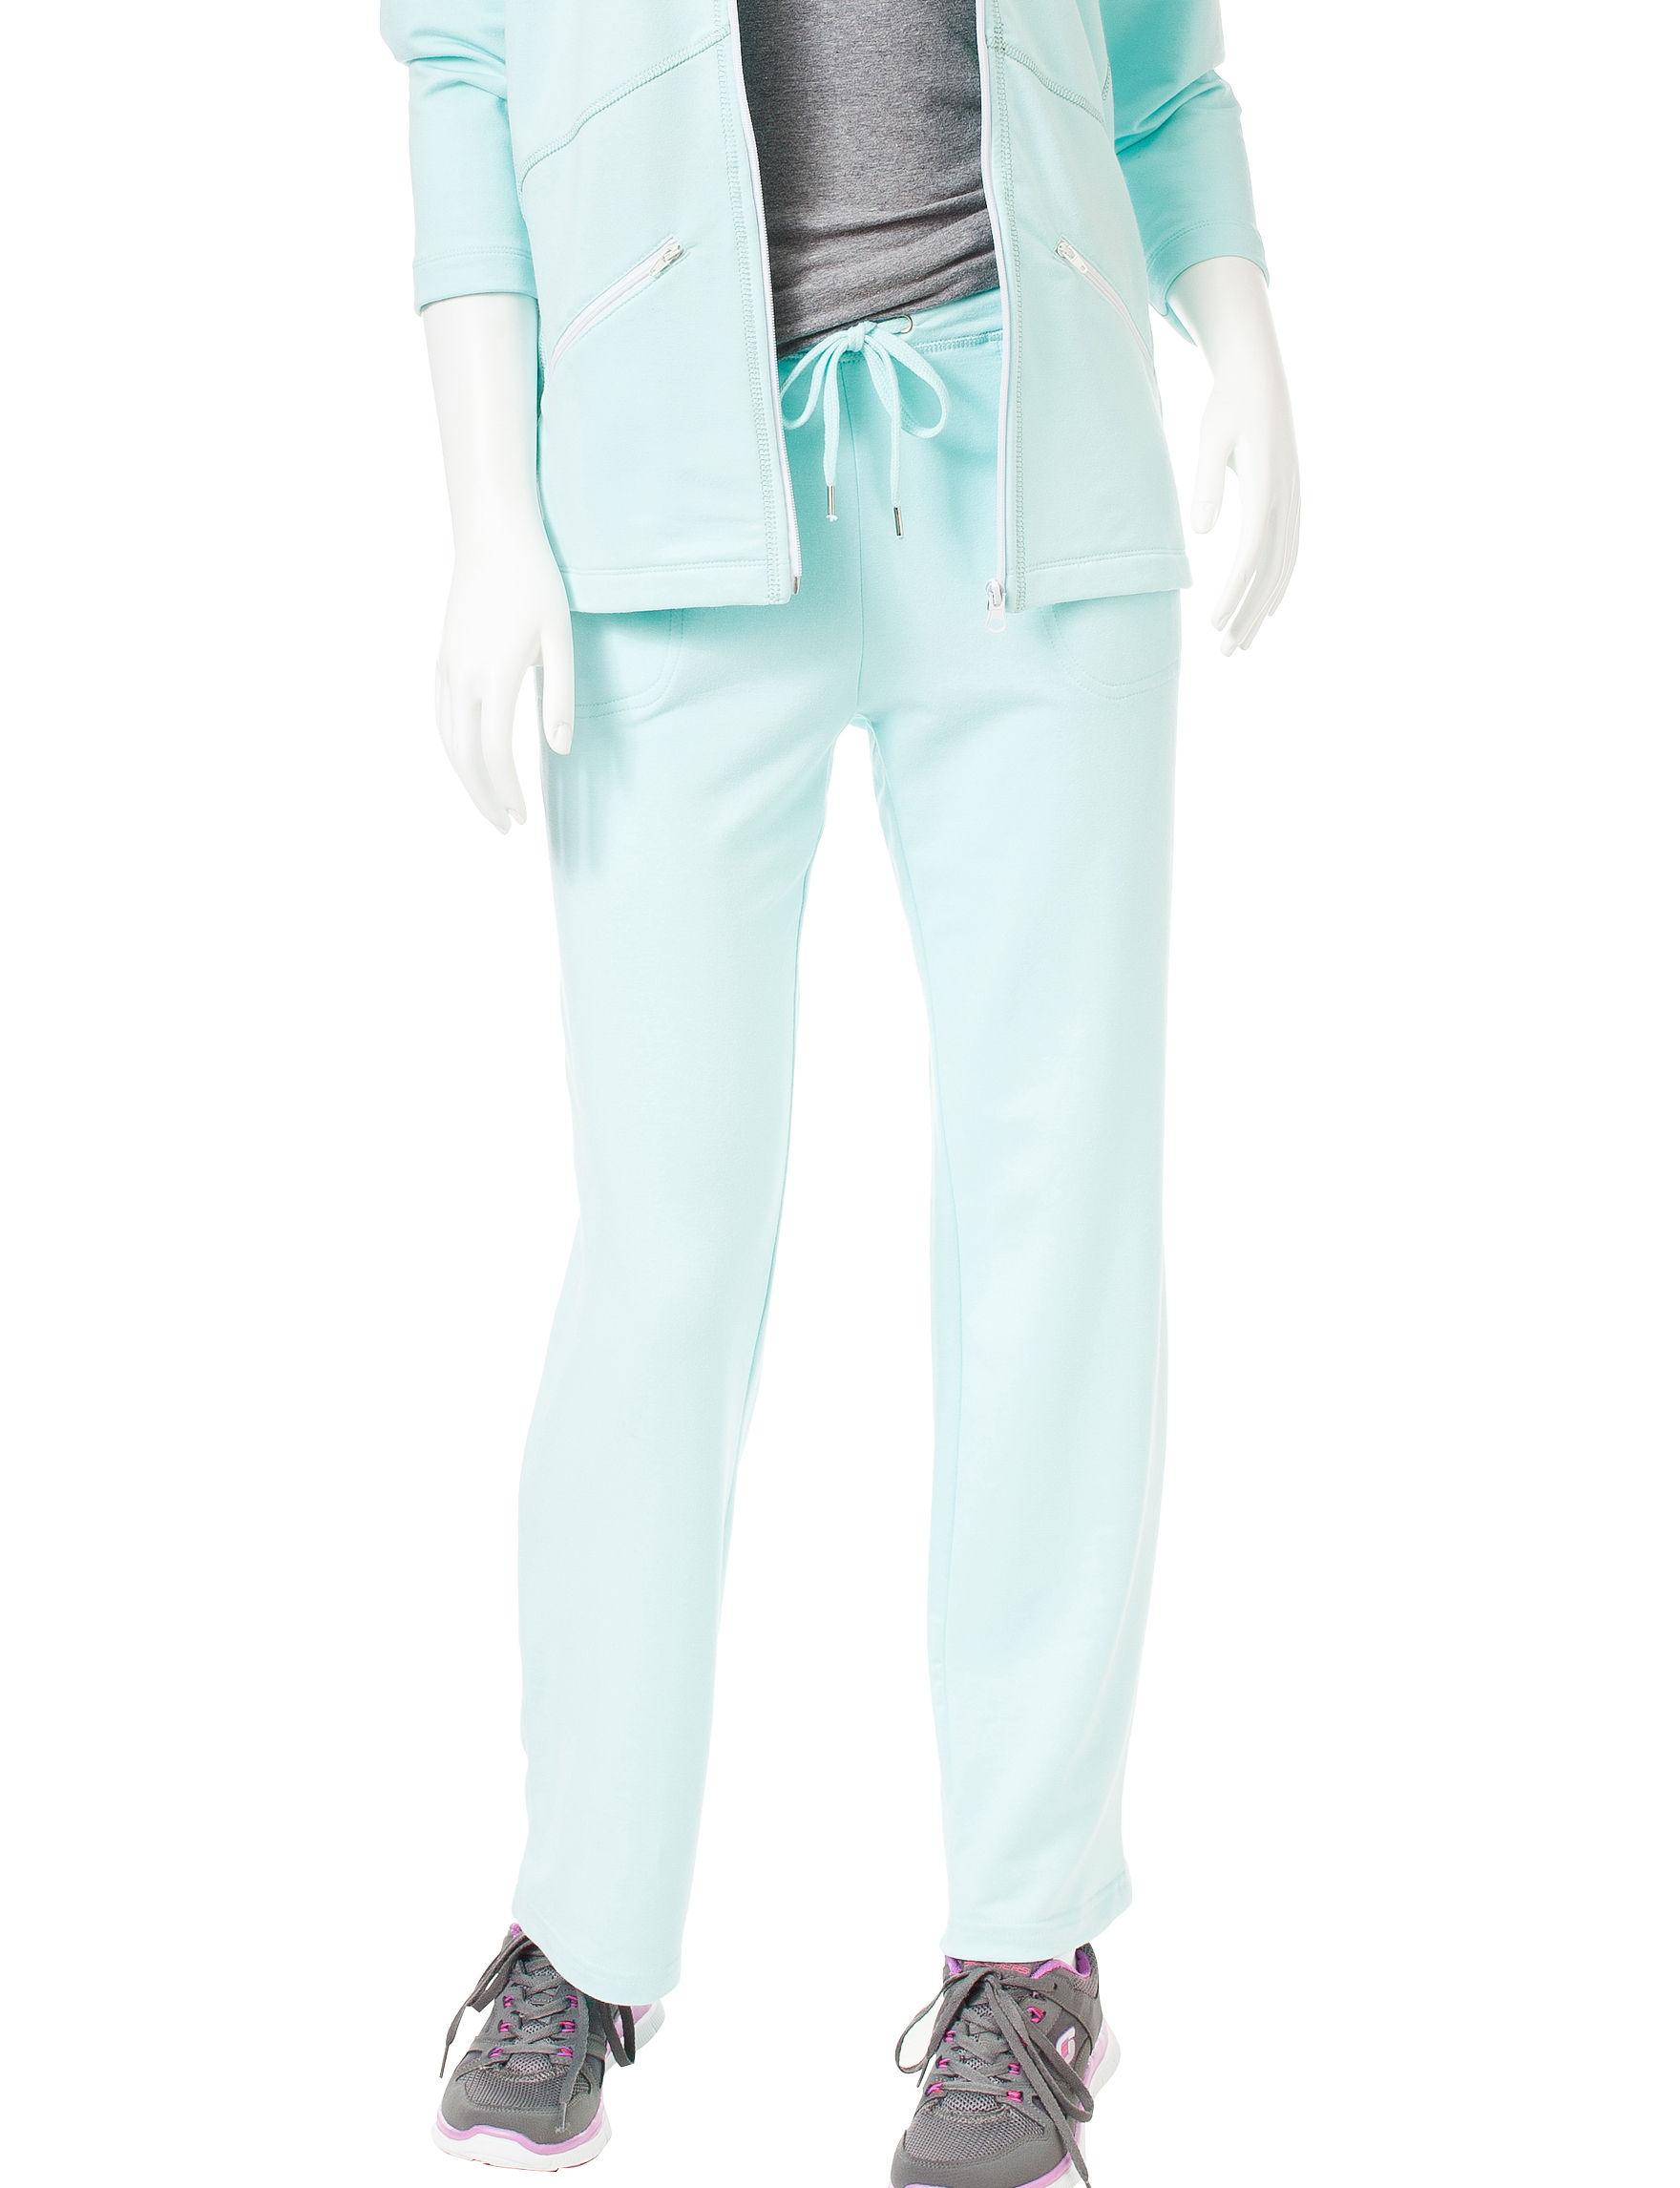 Onque Casuals Aqua Soft Pants